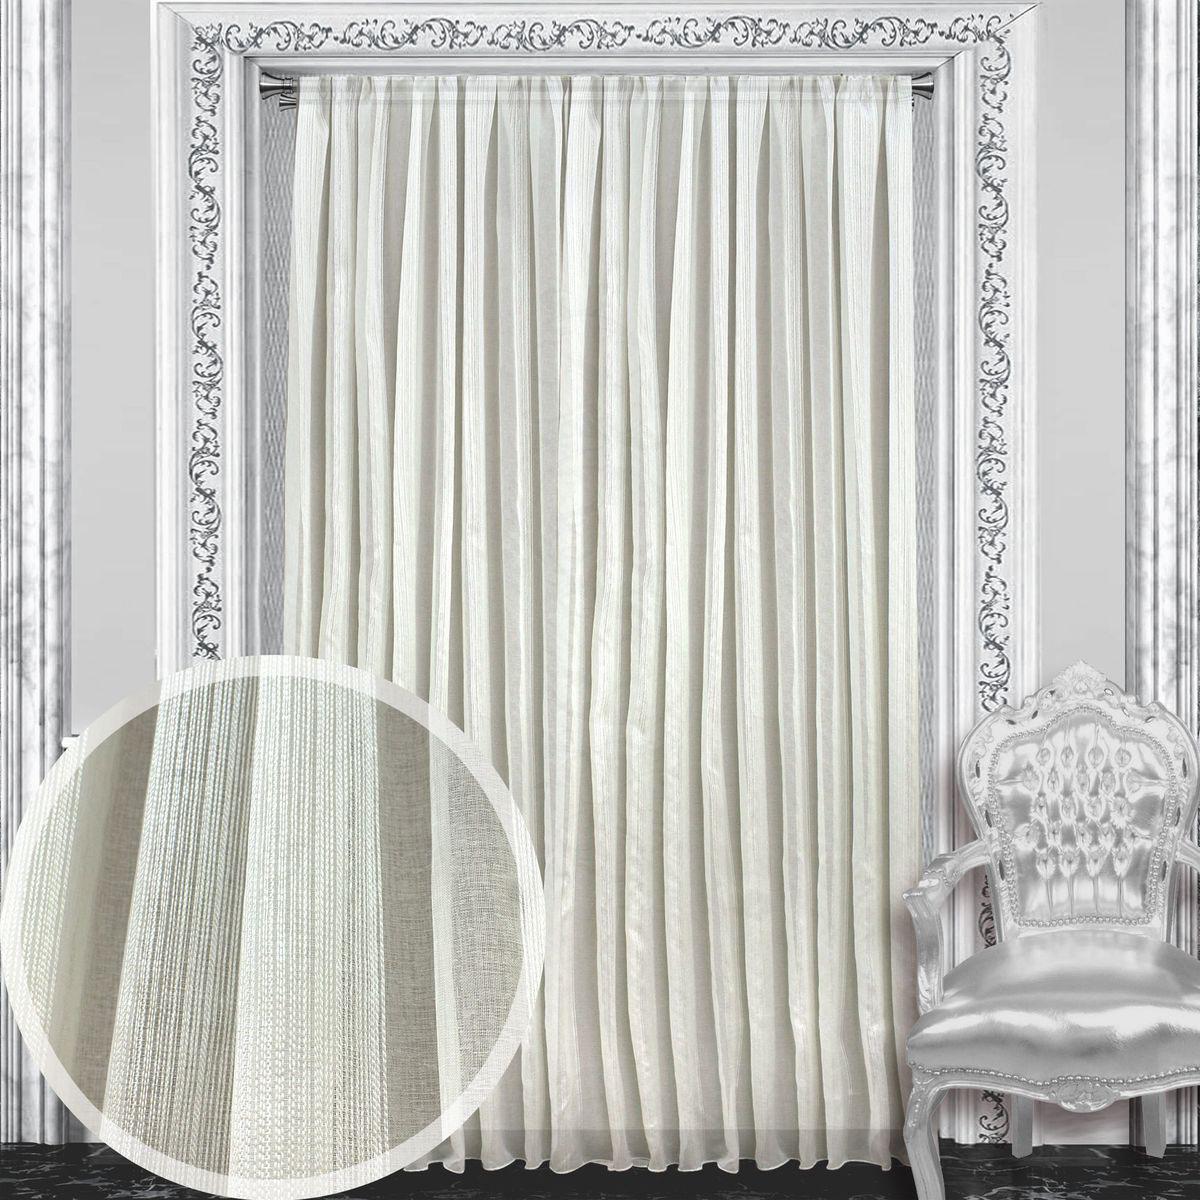 Тюль Amore Mio, на ленте, цвет: молочный, высота 270 см. 8611886118Тюль Amore Mio изготовлен из 100% полиэстера. Воздушная ткань привлечет к себе внимание и идеально оформит интерьер любого помещения. Полиэстер - вид ткани, состоящий из полиэфирных волокон. Ткани из полиэстера легкие, прочные и износостойкие. Такие изделия не требуют специального ухода, не пылятся и почти не мнутся.Крепление к карнизу осуществляется при помощи вшитой шторной ленты.